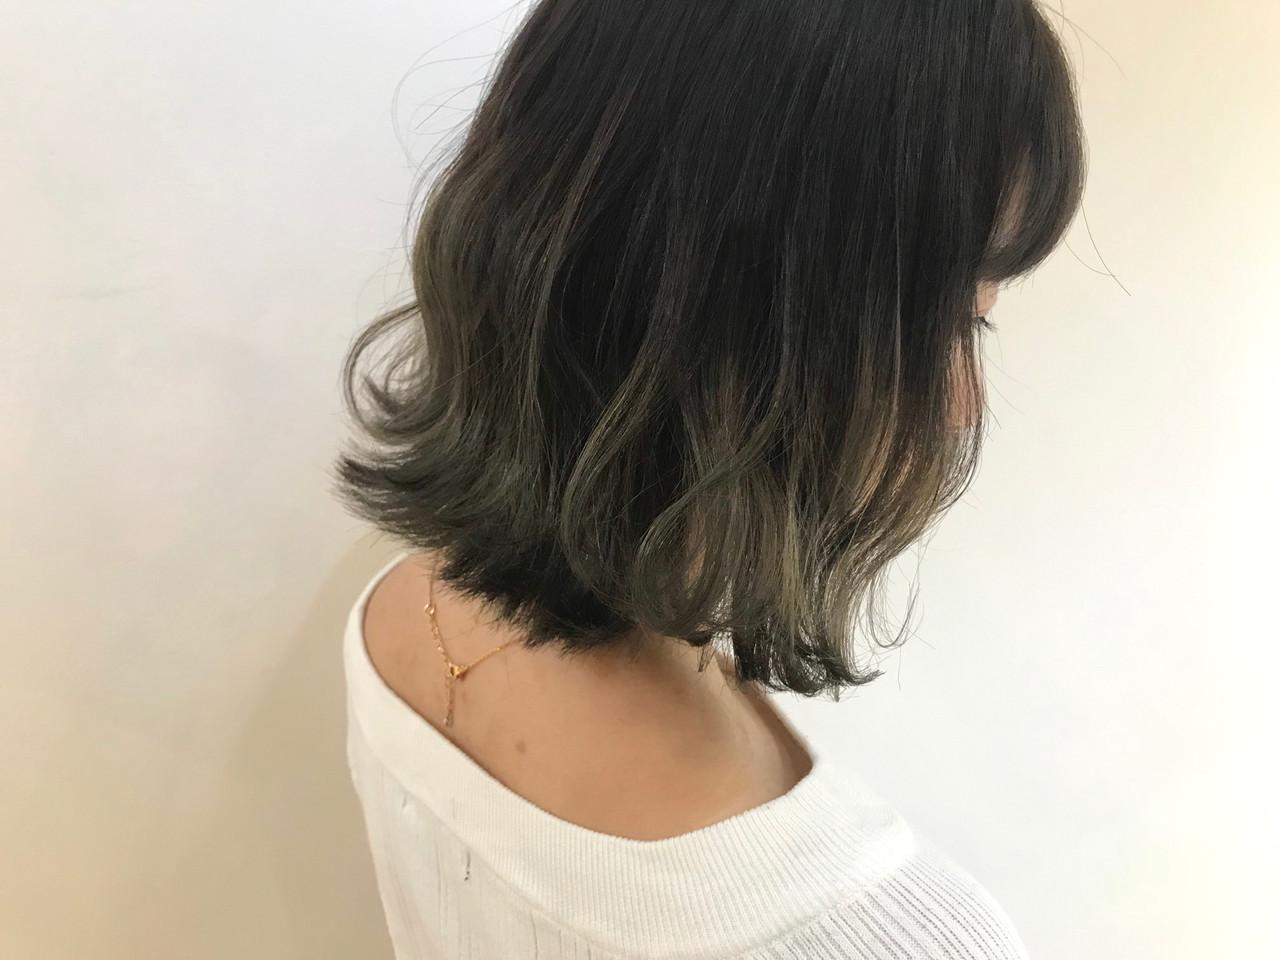 黒髪 アンニュイほつれヘア 透明感カラー デート ヘアスタイルや髪型の写真・画像